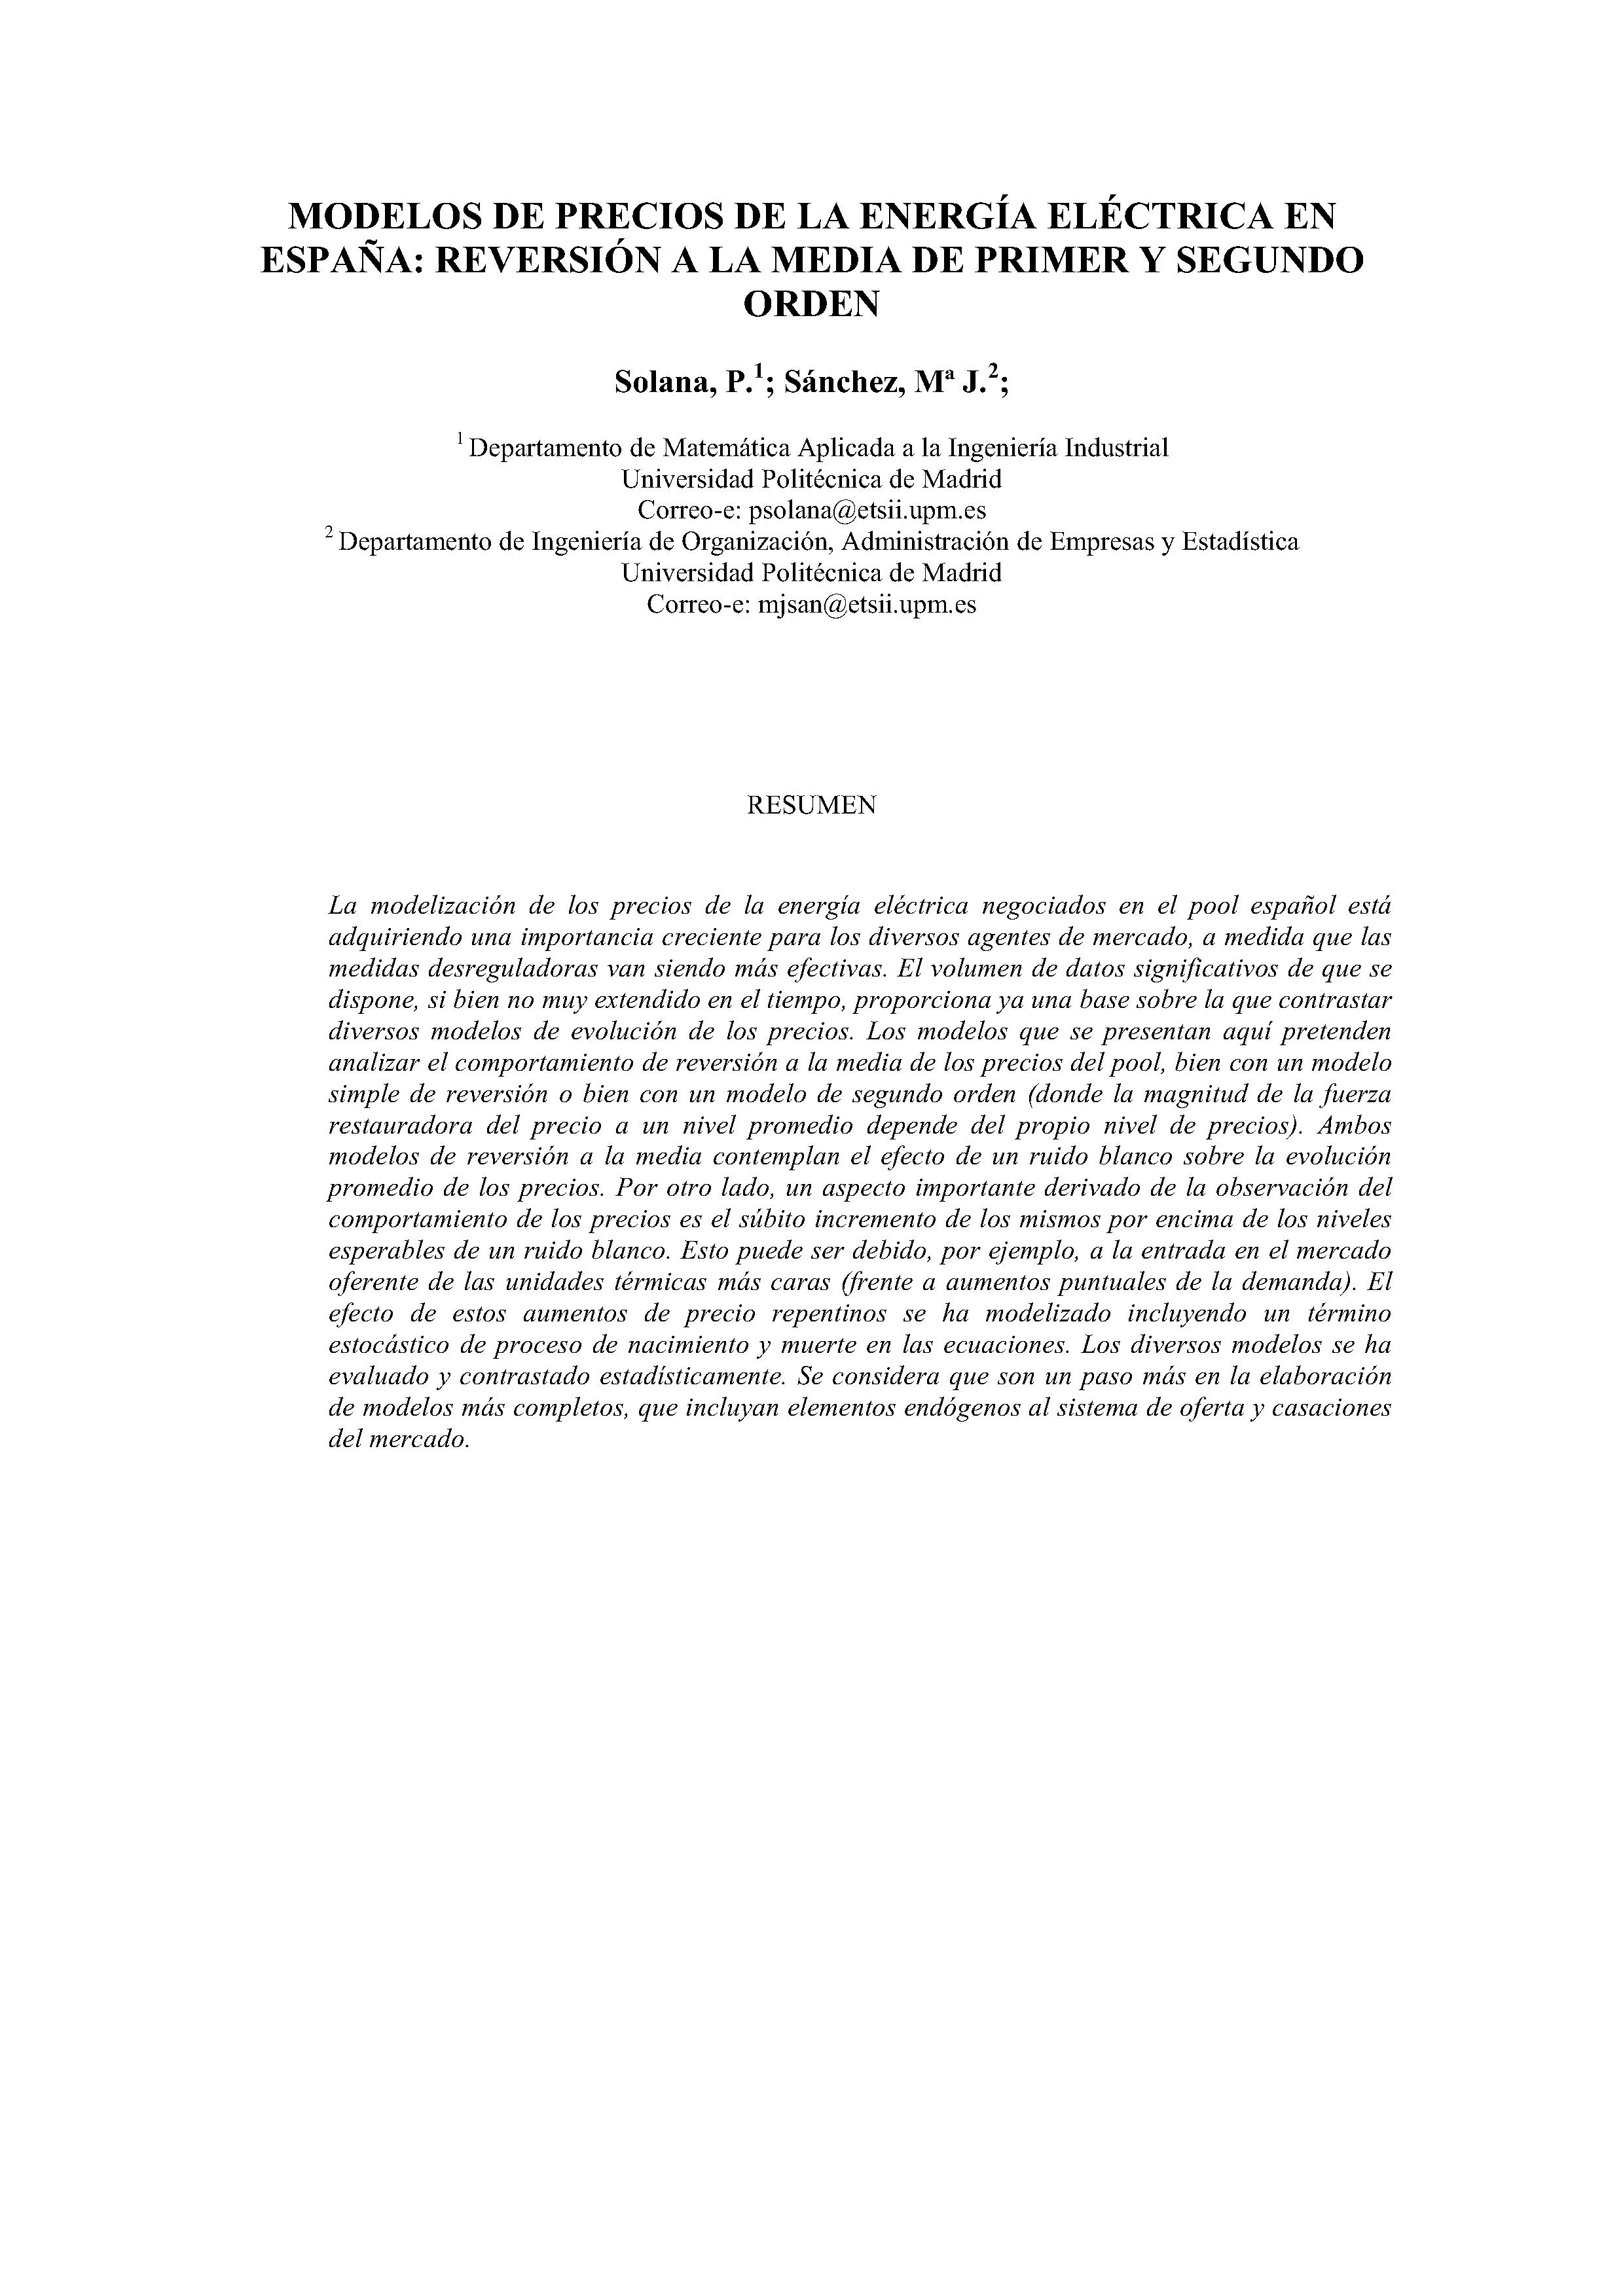 MODELOS DE PRECIOS DE LA ENERGÍA ELECTRICA EN ESPAÑA: REVERSIÓN A LA MEDIA DE PRIMER Y SEGUNDO ORDEN